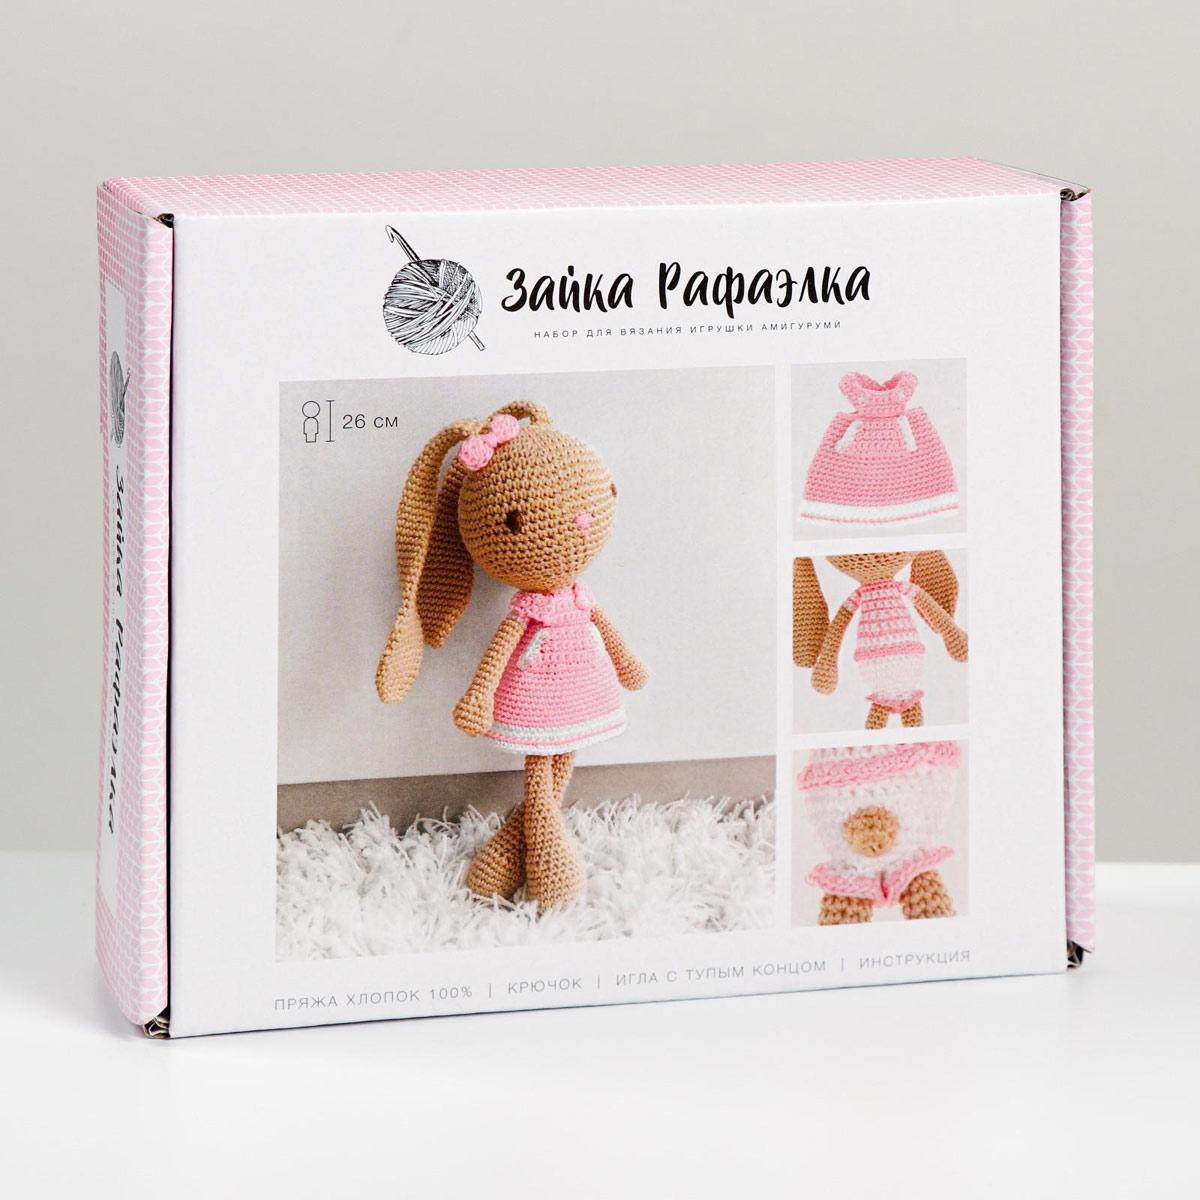 1657304 Мягкая игрушка 'Зайка Рафаэлка', набор для вязания, 12 см*4 см*10 см